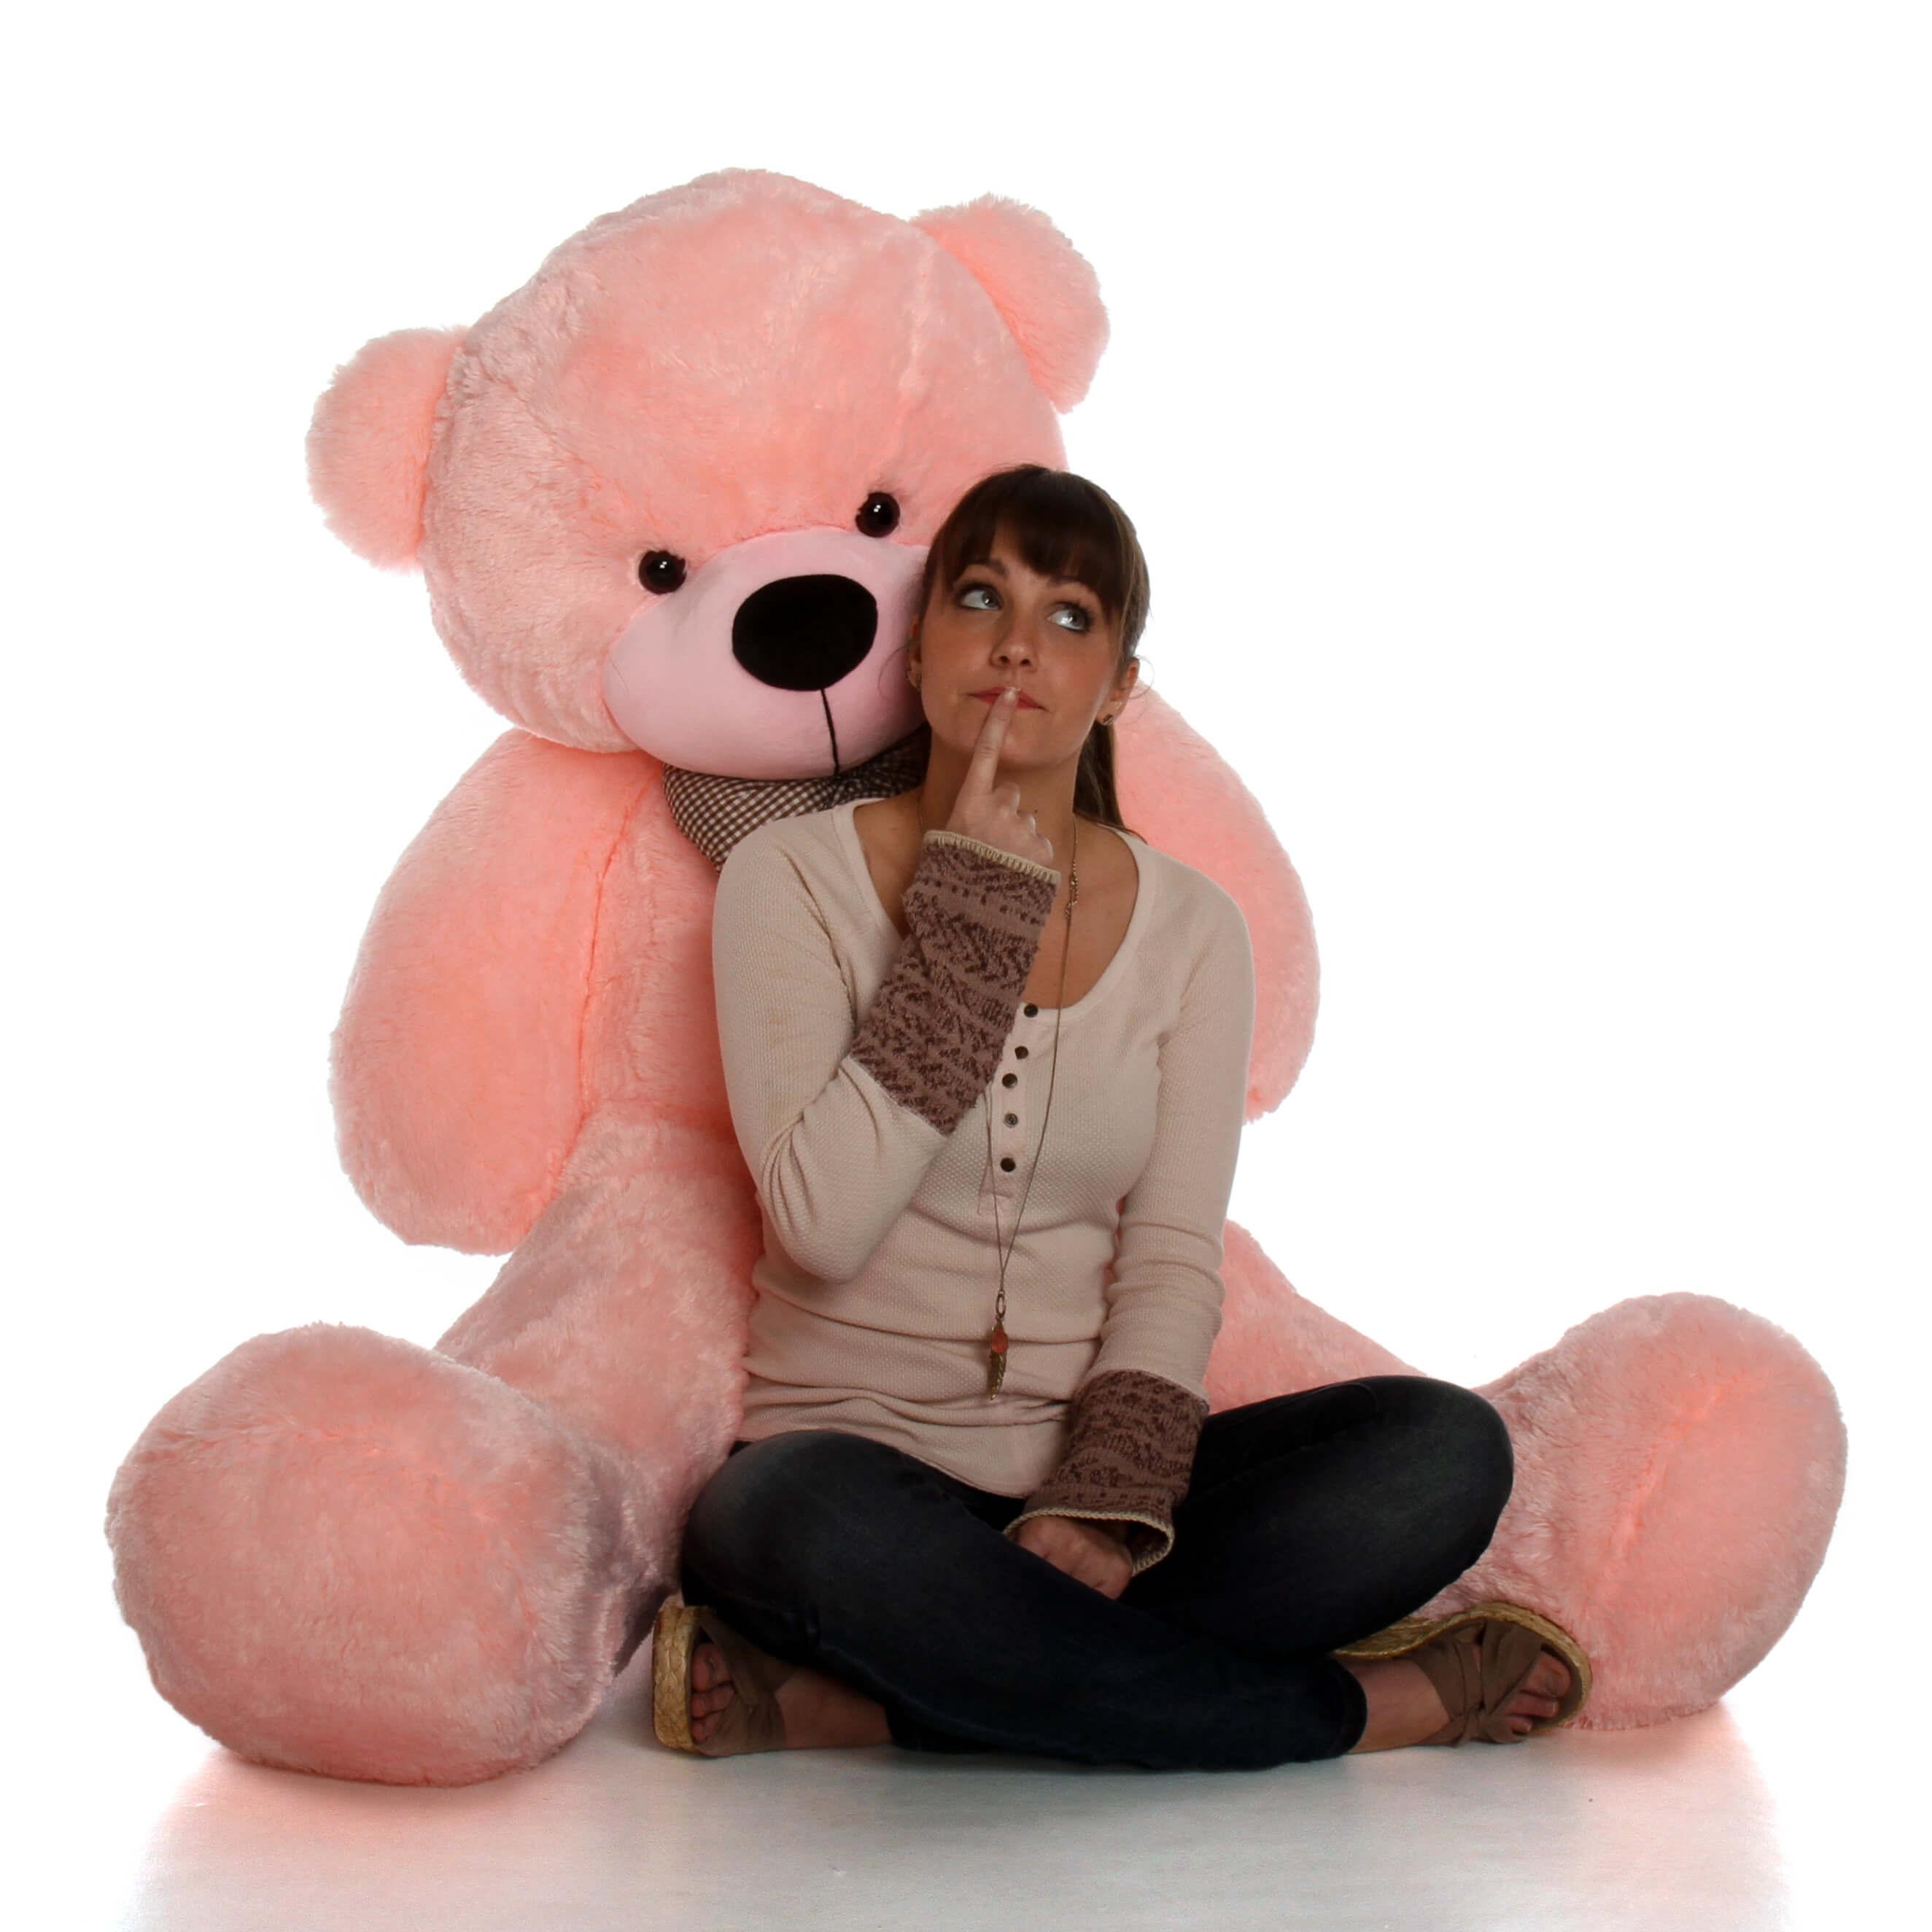 60in-soft-pink-teddy-bear-huge-life-size-plush-teddy-bear-toy-sweet-lady-cuddles-1.jpg